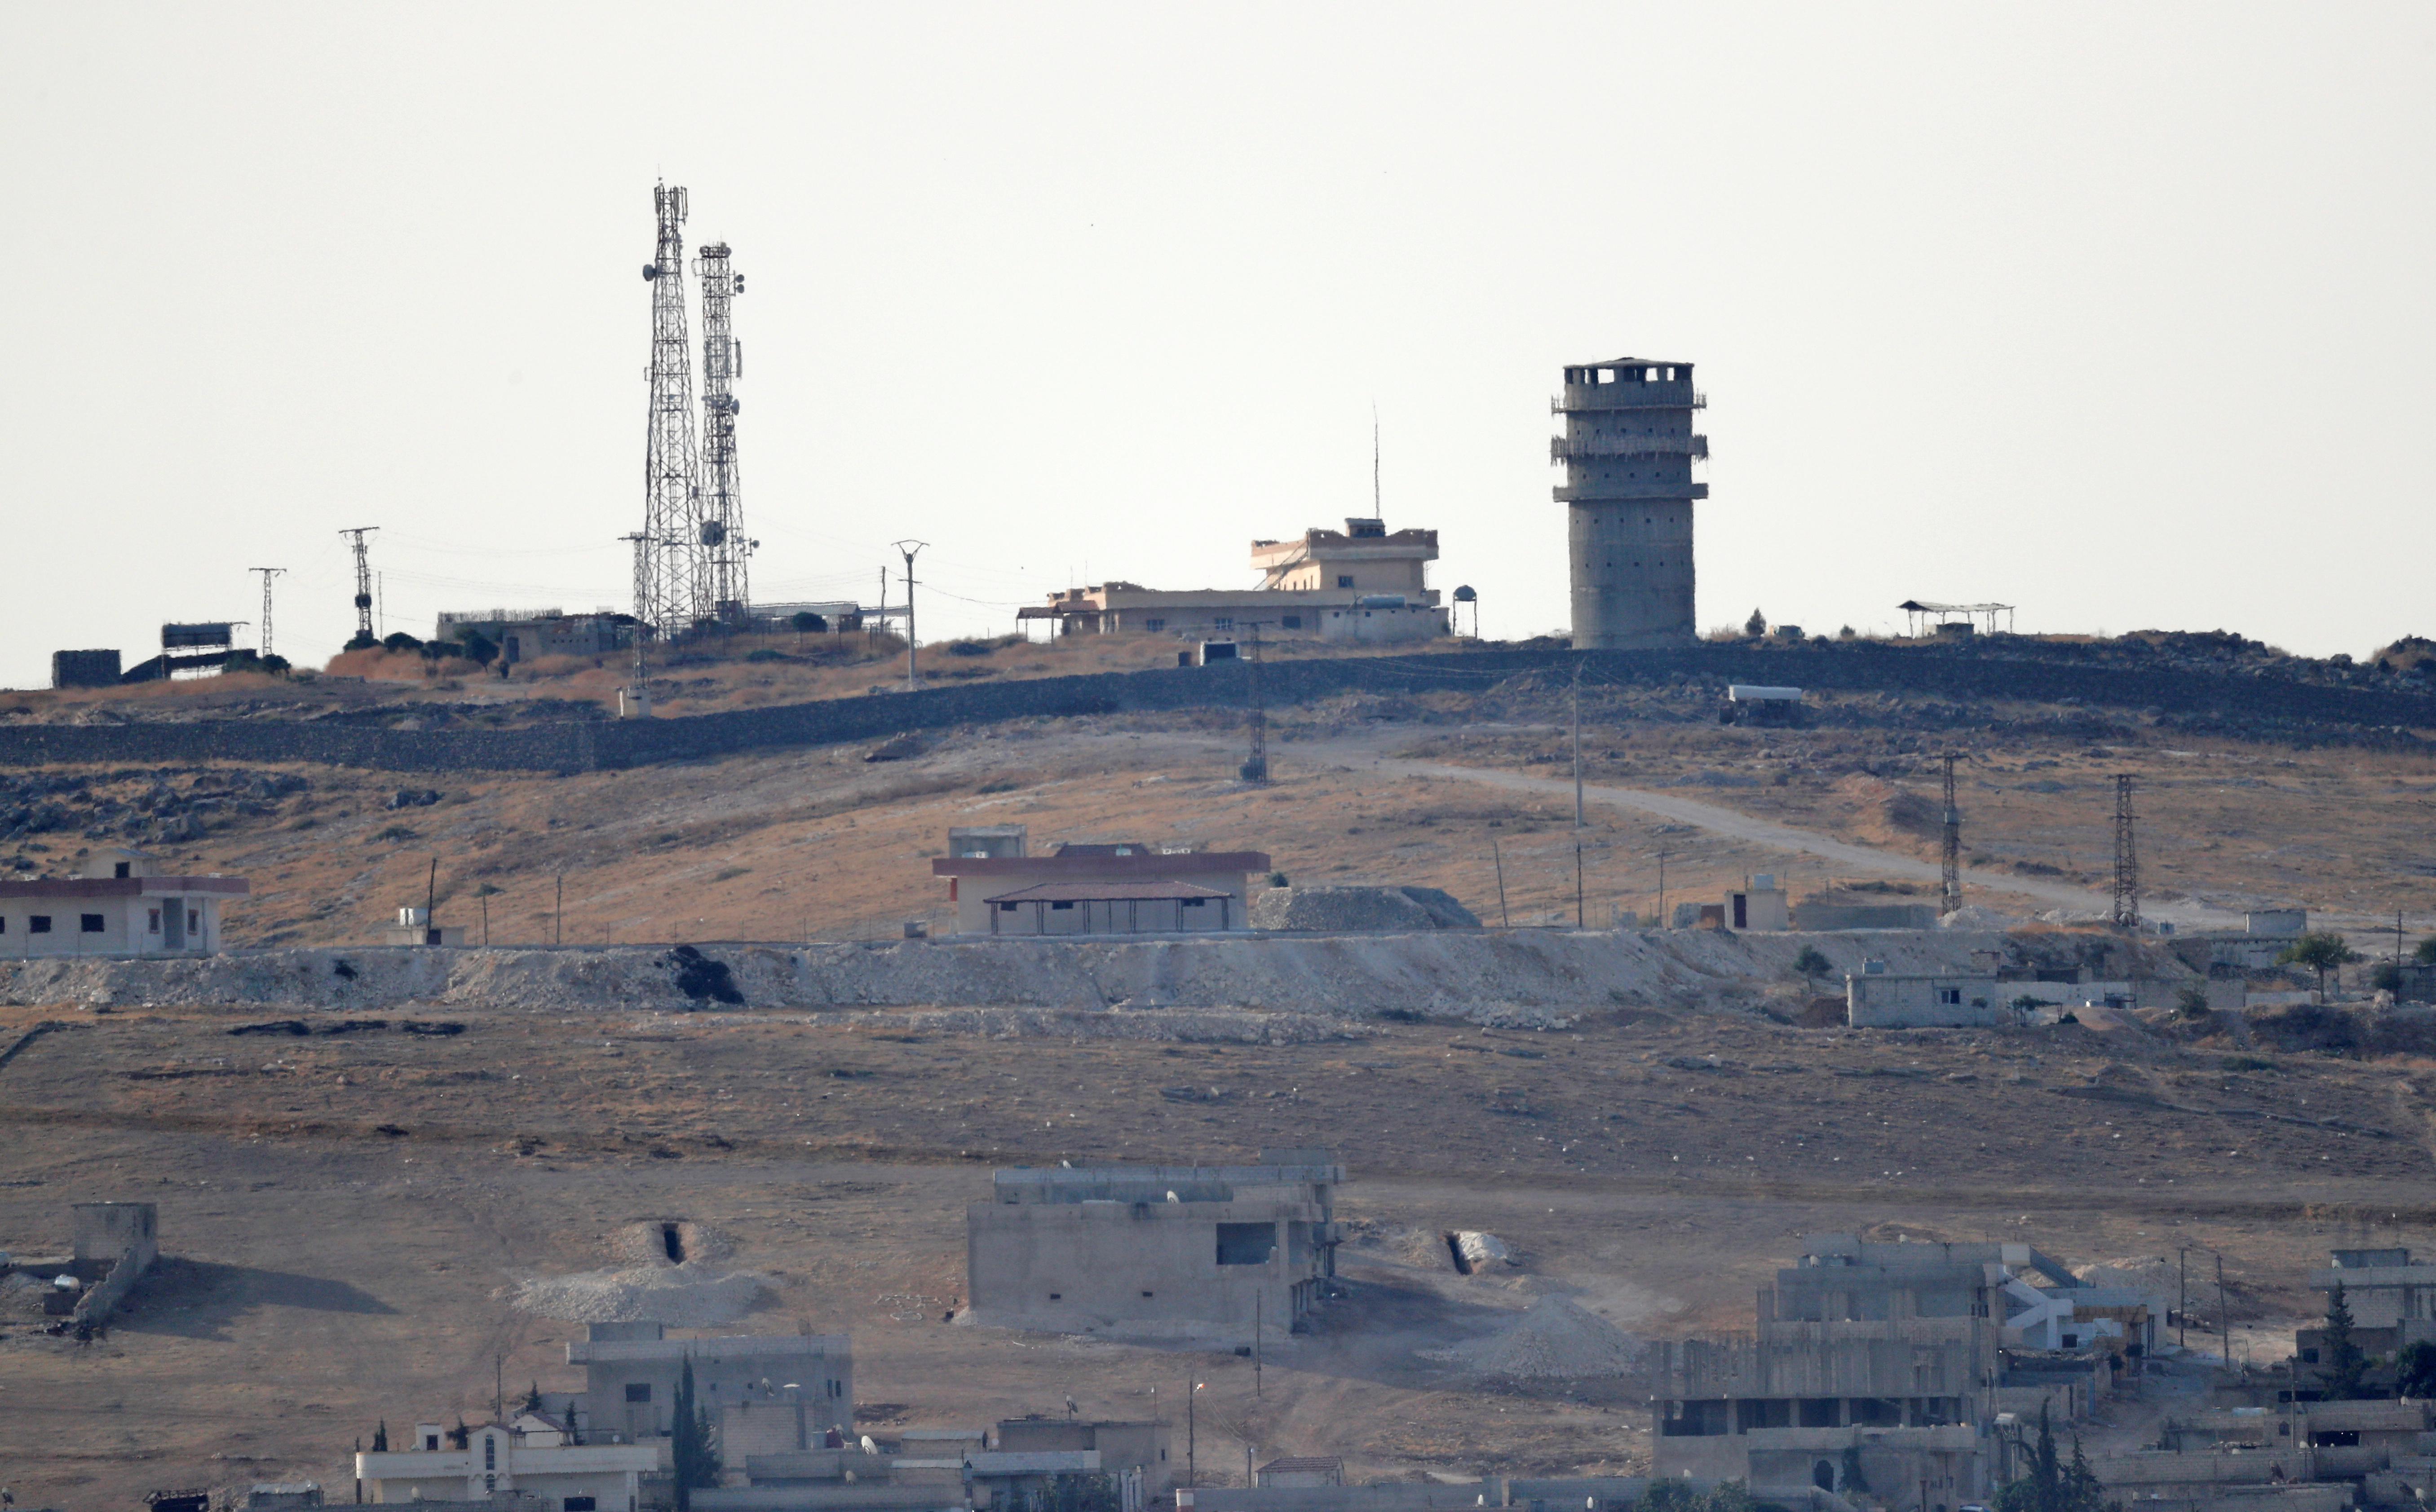 L'armée syrienne soutenue par la Russie arrive après que les États-Unis annoncent une sortie soudaine